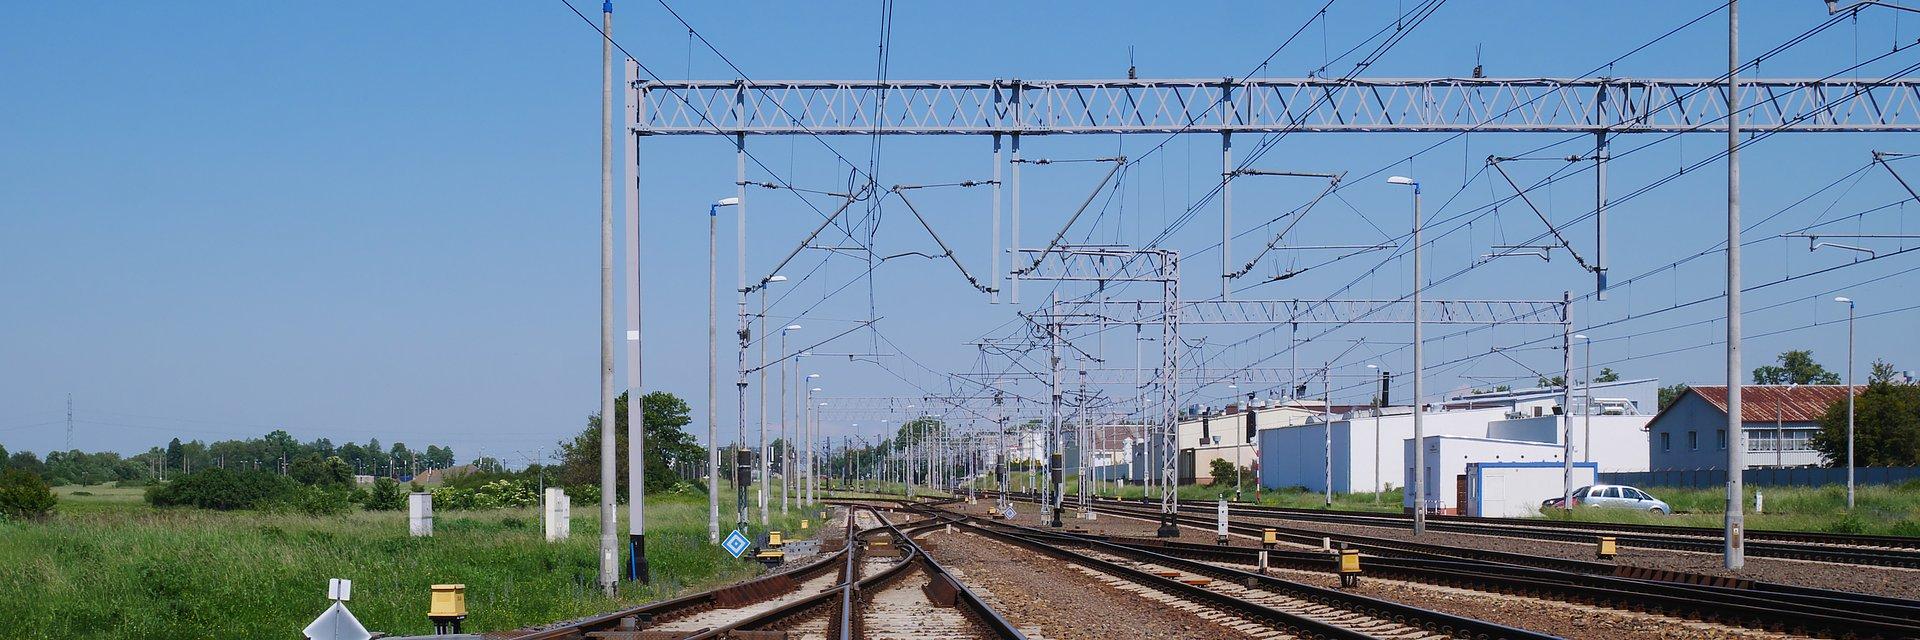 Alstom, Thales i Nokia zmodernizowały system sterowania ruchem kolejowym na potrzeby kolei dużych prędkości w Polsce